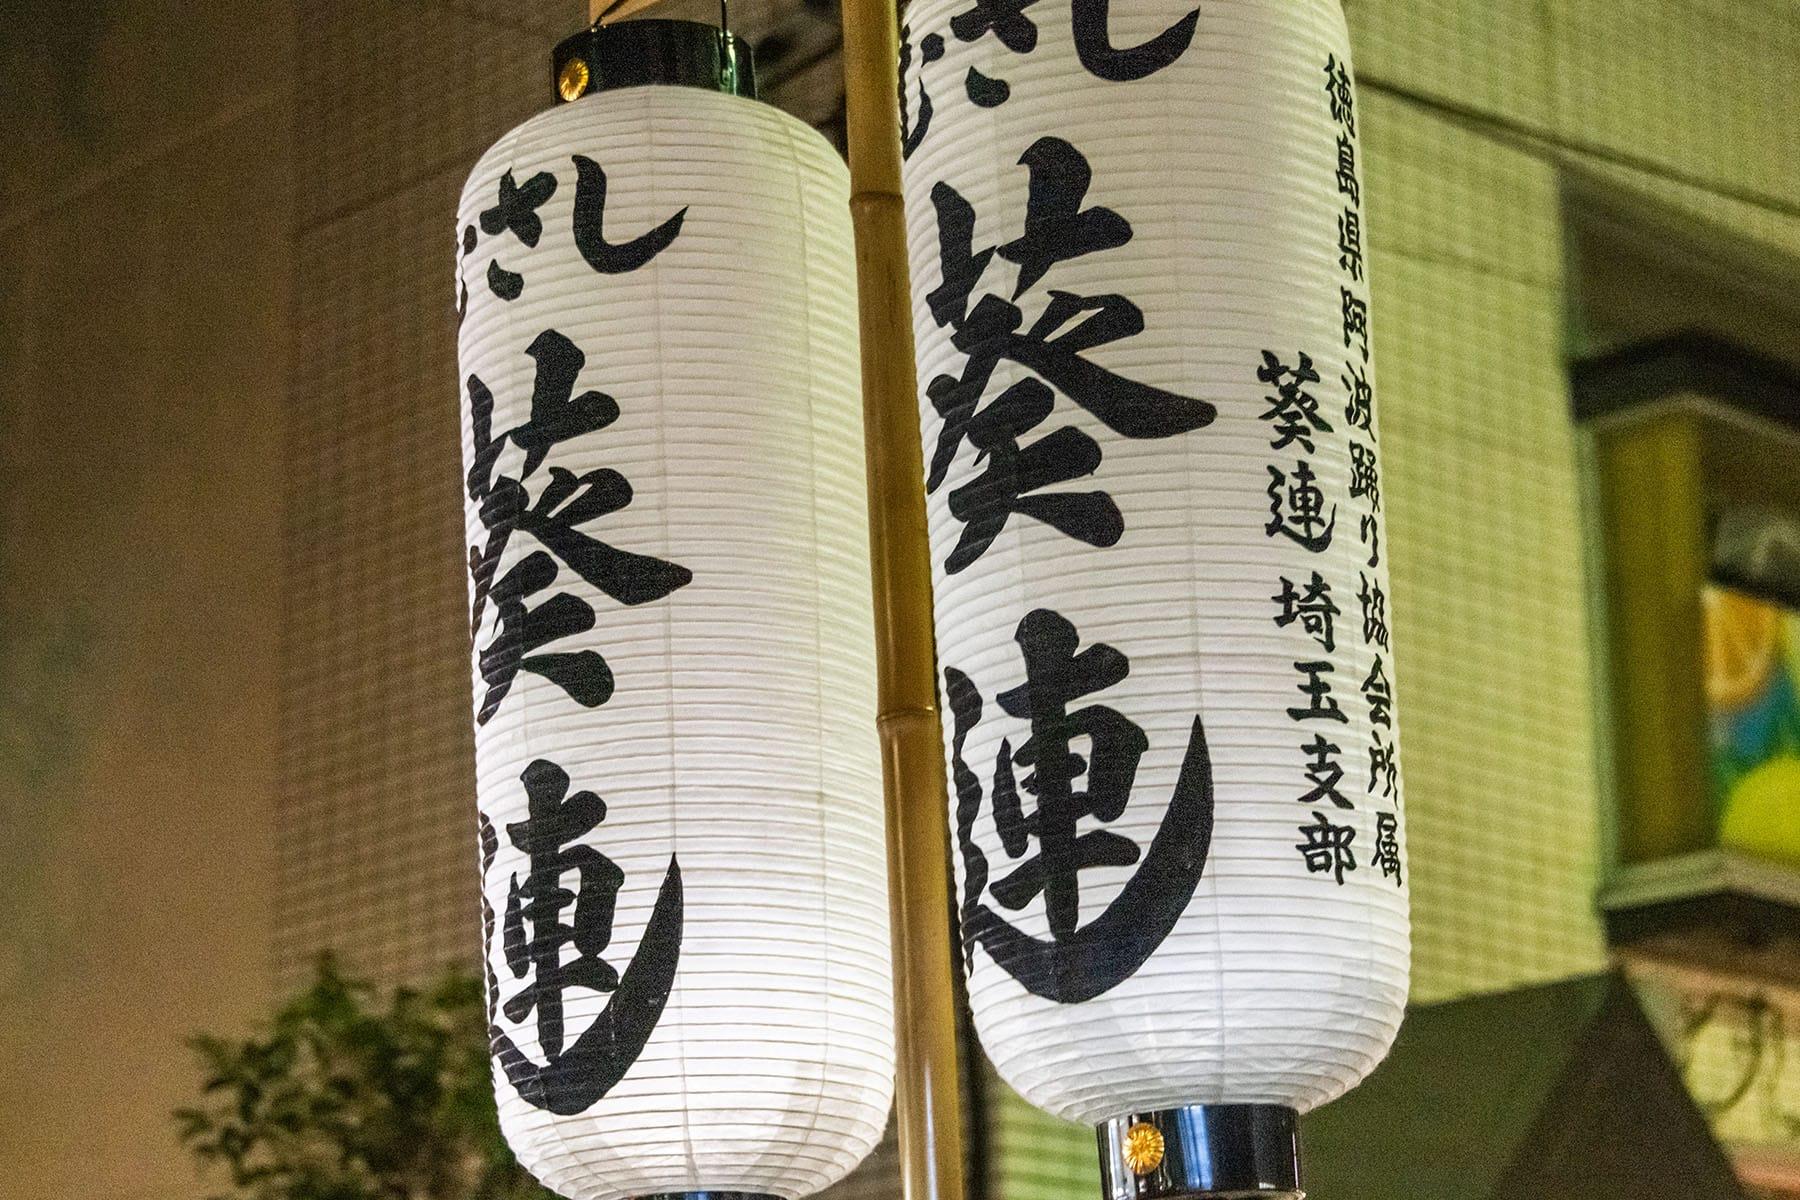 北浦和阿波おどり大会【北浦和駅ハッピーロード商店街:埼玉県さいたま市】|フォトさいたま